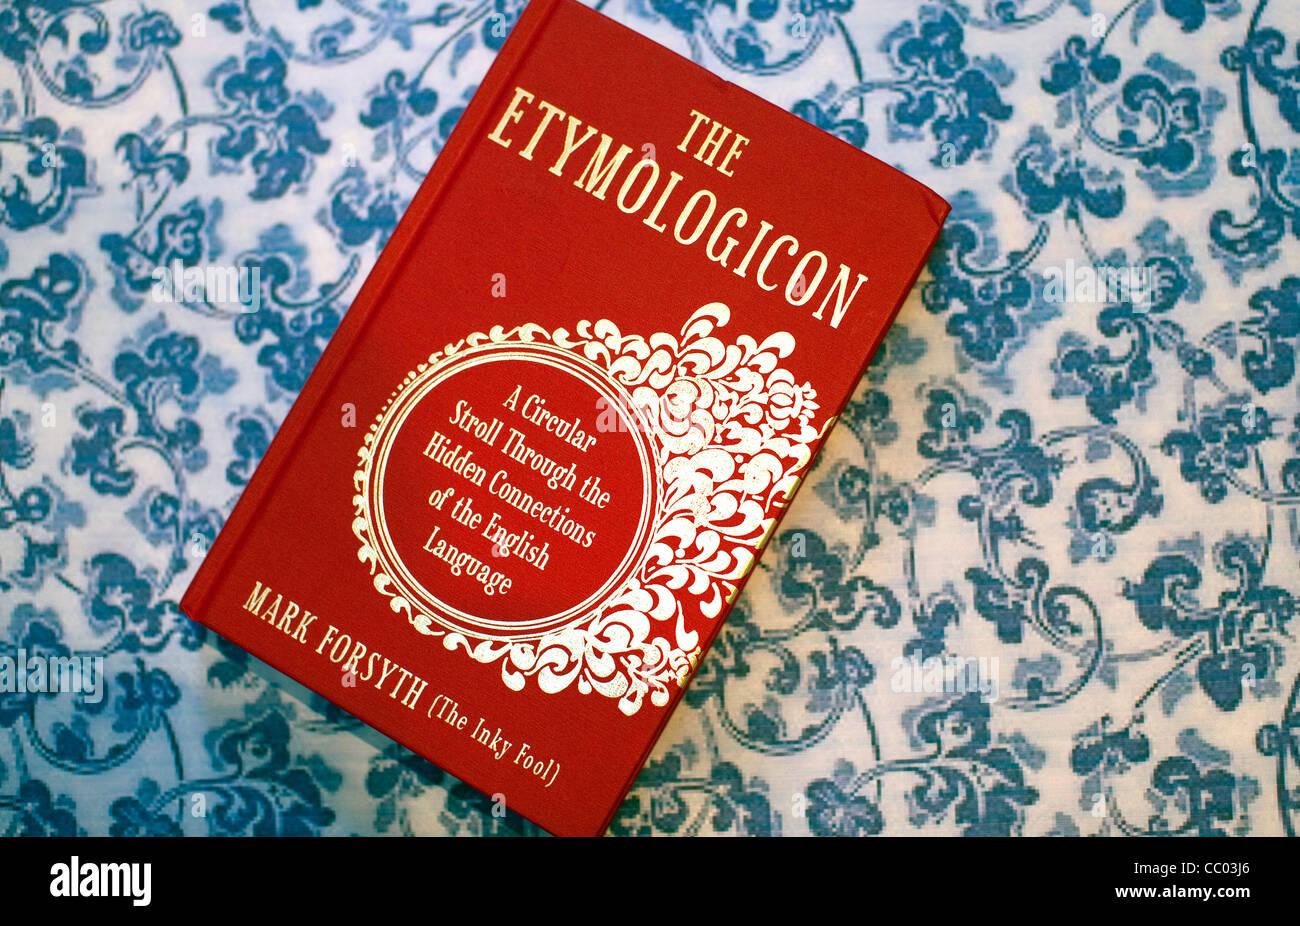 Die Etymologicon von Mark Forsyth - Bestseller-Buch über die englische Sprache Stockbild